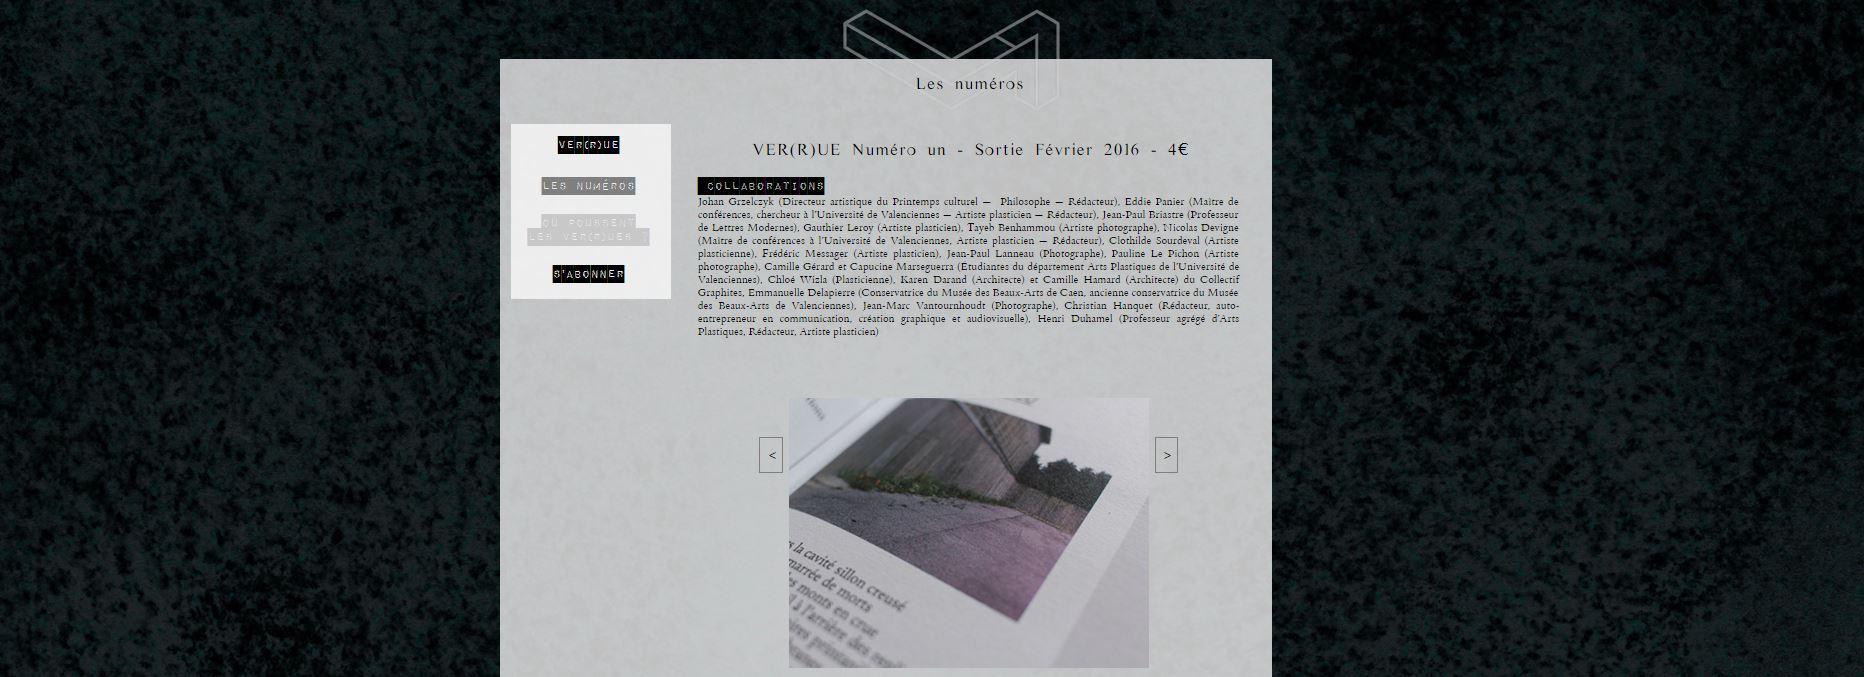 Conception Site Collectif des Routes Revue Verrue